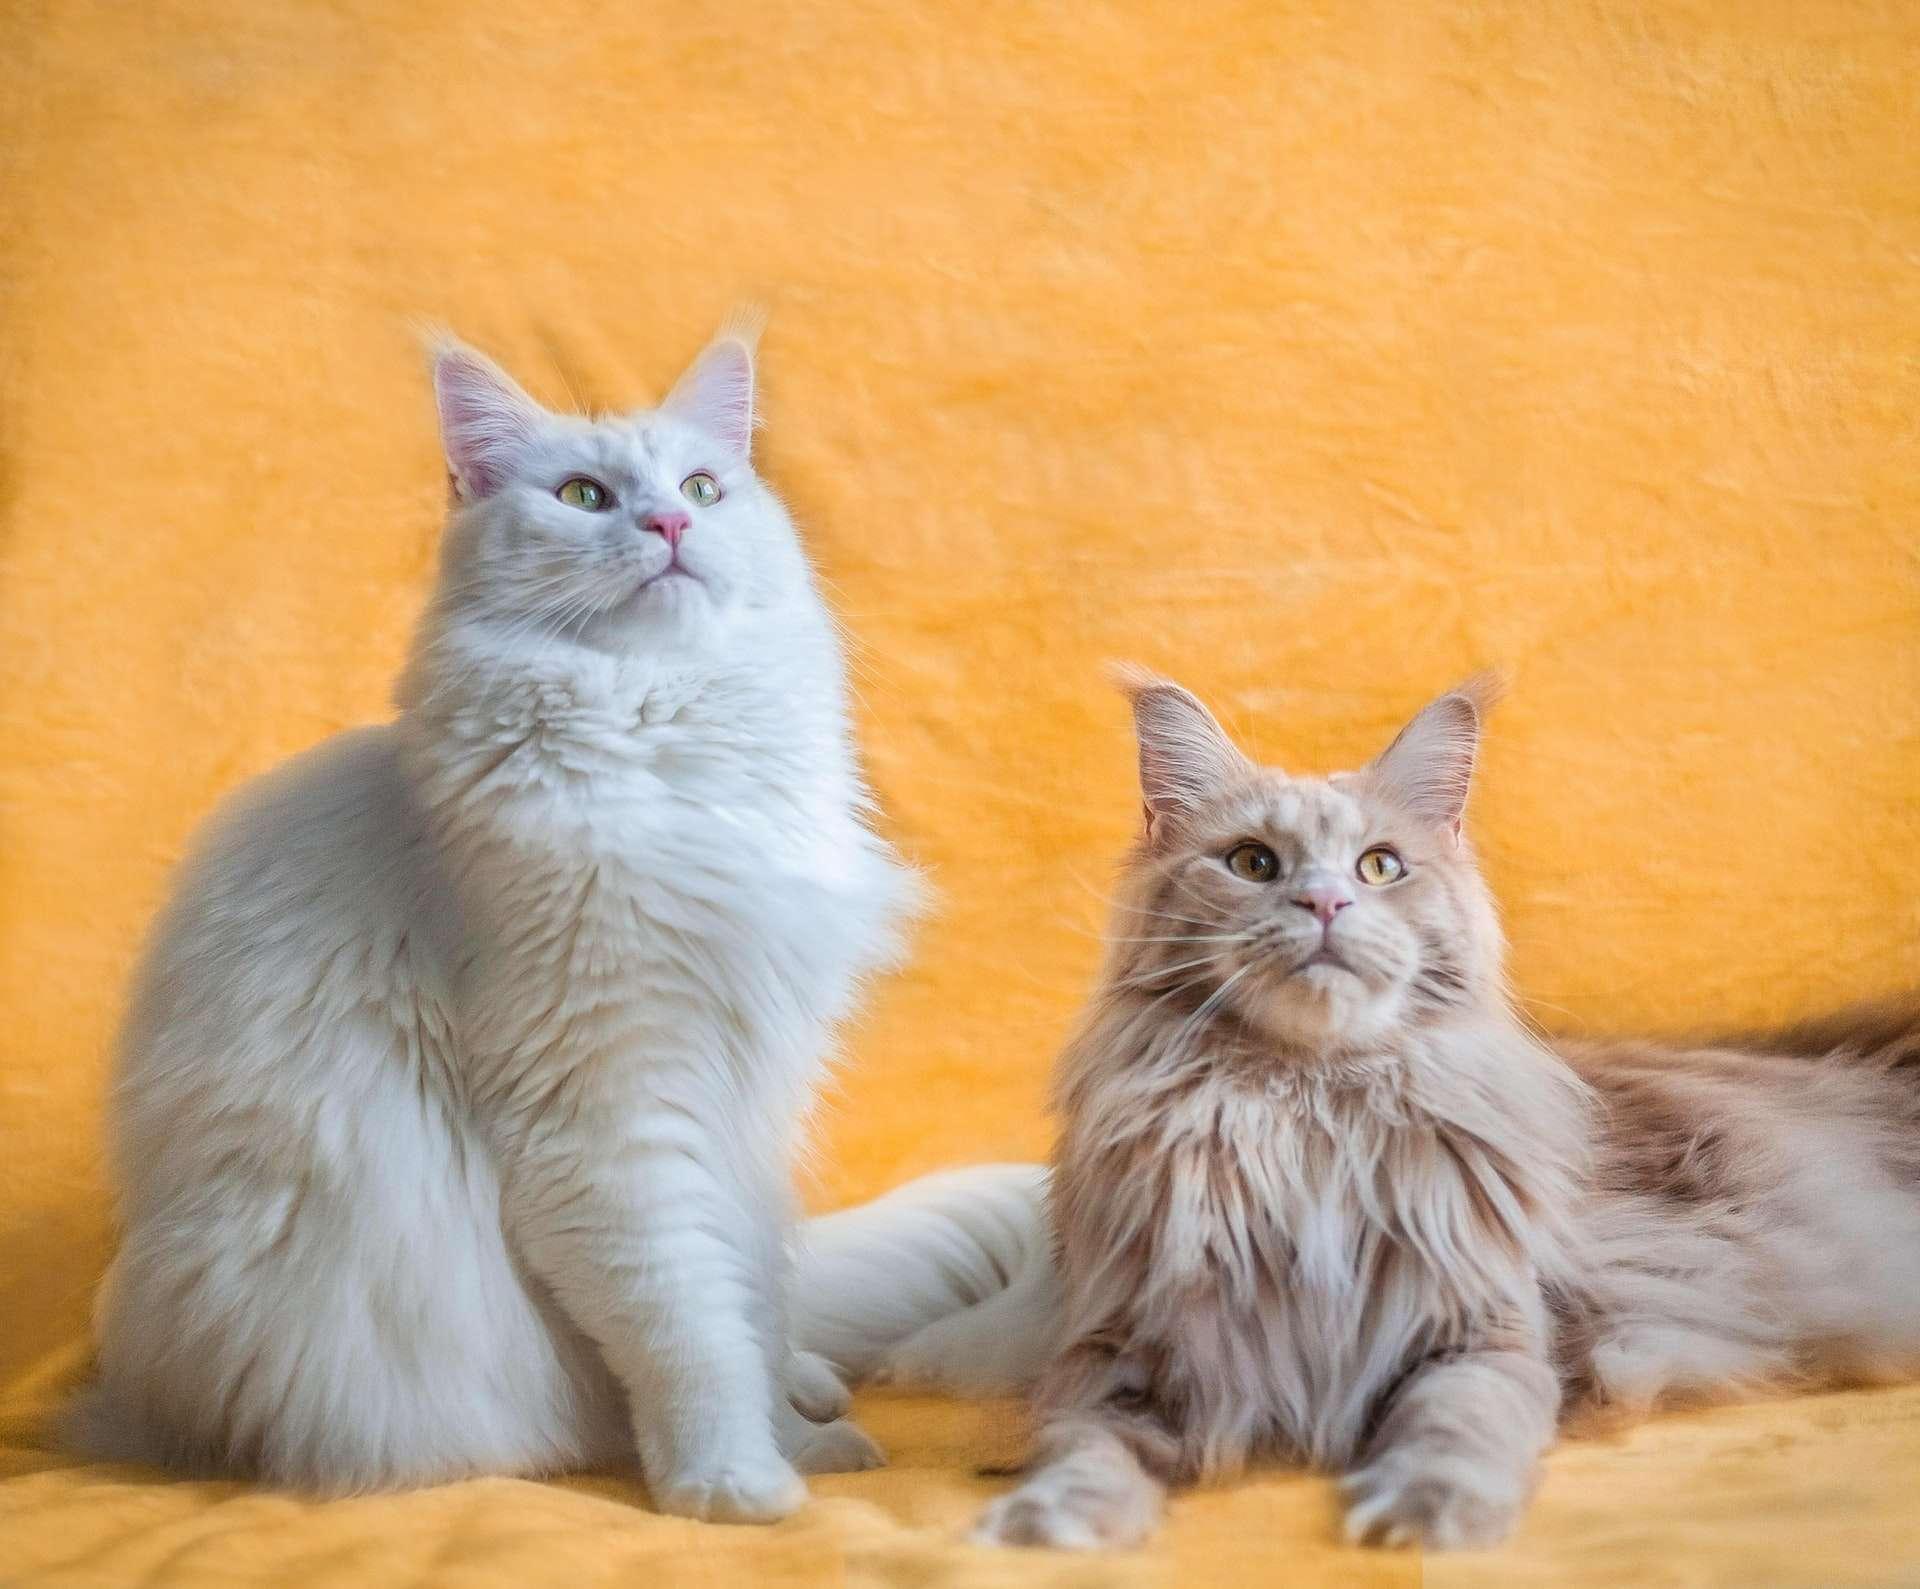 Kediler Evde Birbirlerine Nasıl Alıştırılır?